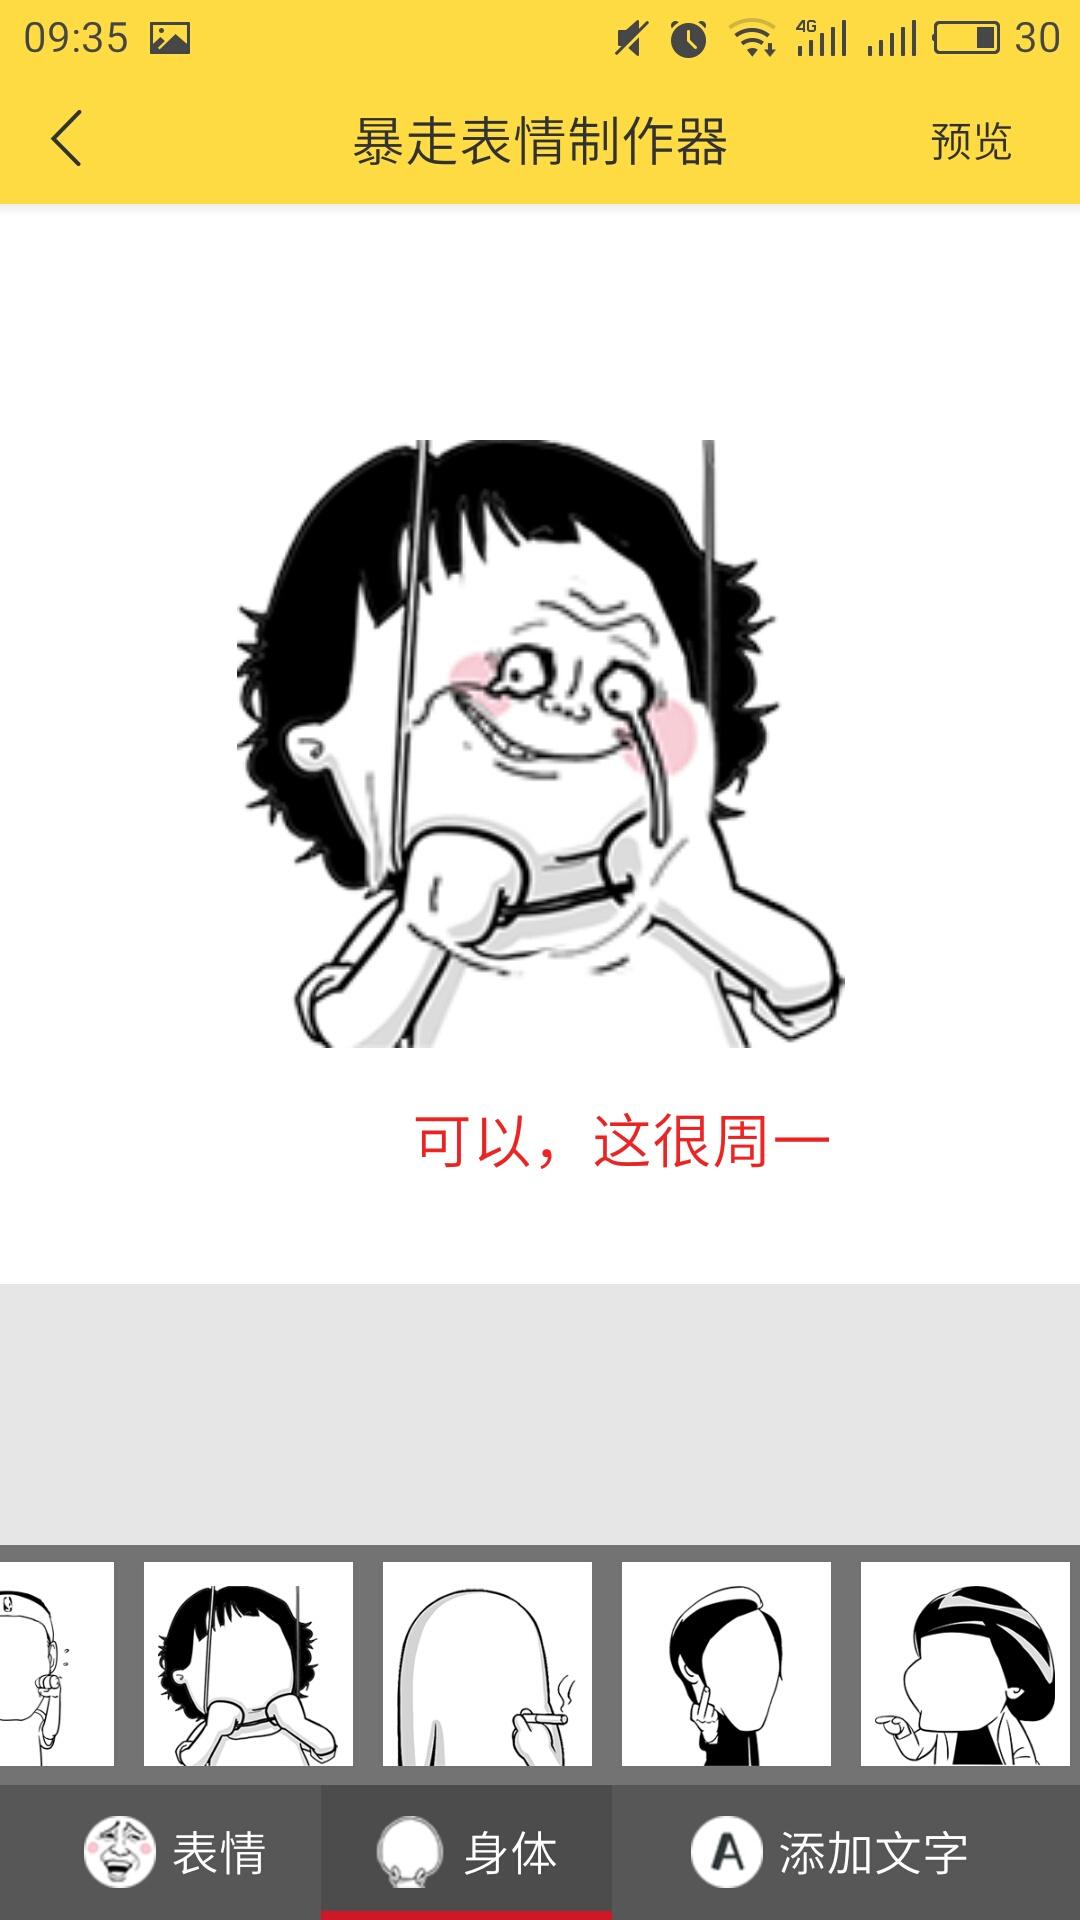 暴走漫画手机版_暴走漫画手机版客户端下载【搞笑漫画